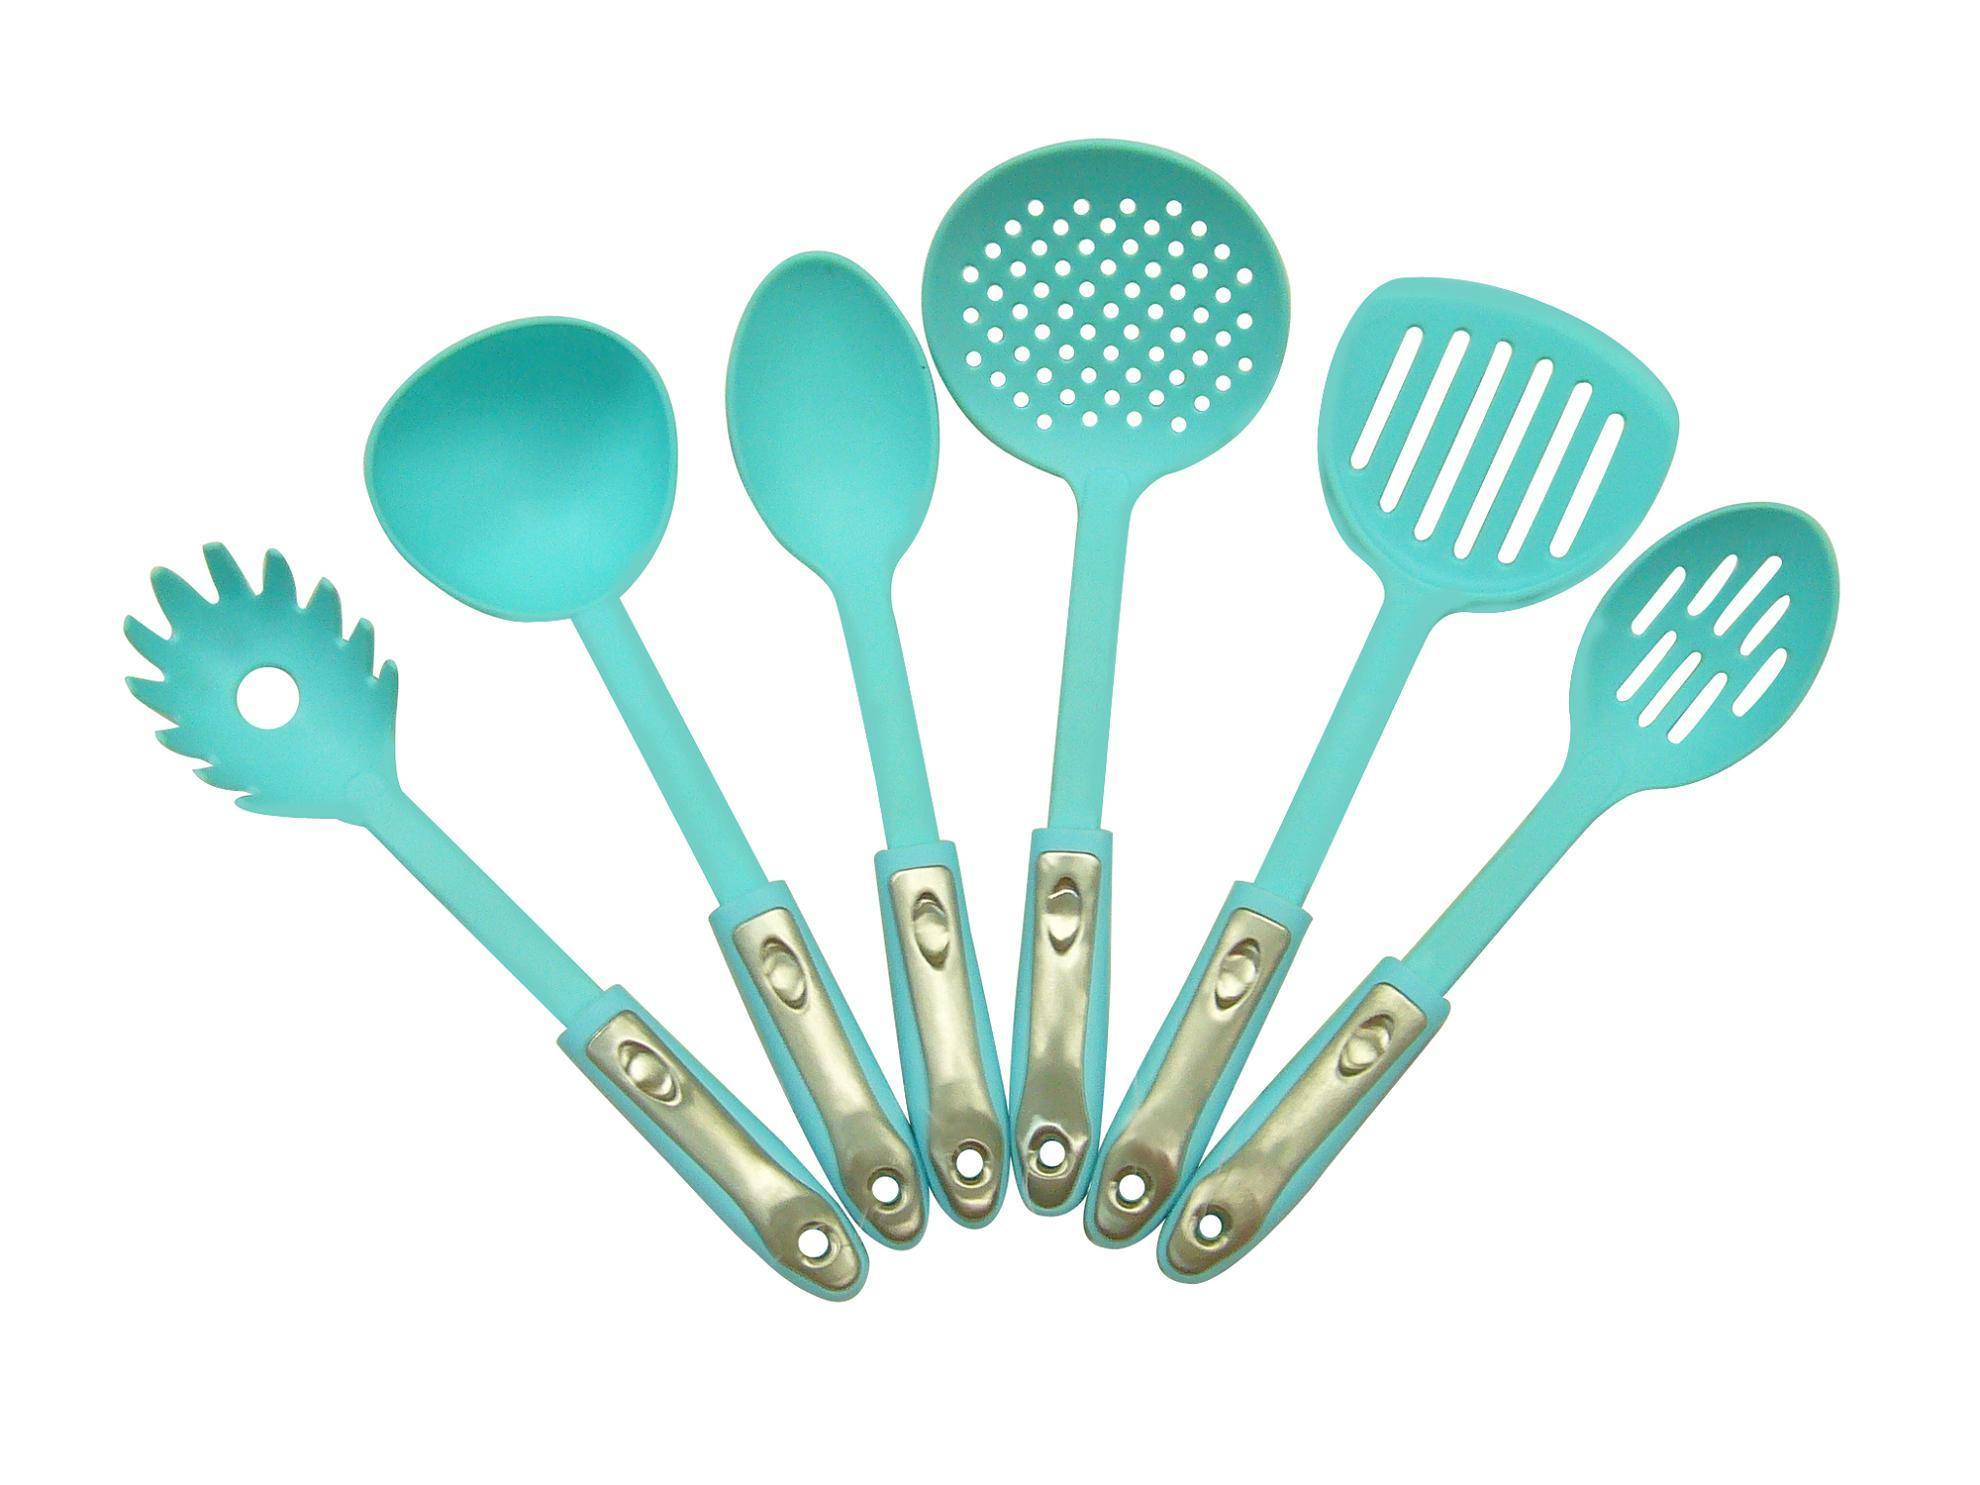 17 best photo of coloured kitchen utensils ideas lentine